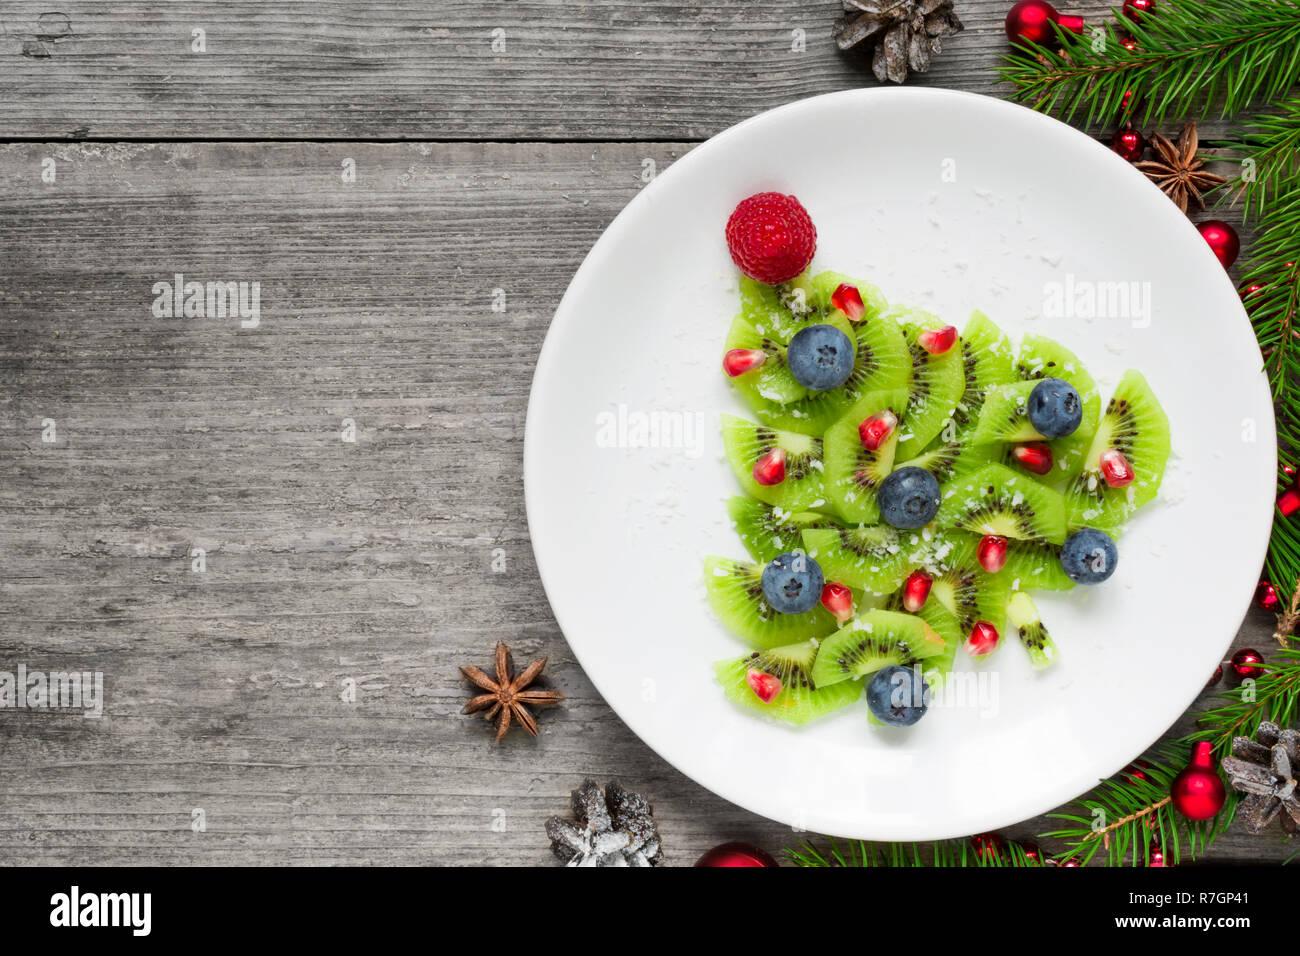 Weihnachtsbaum Samen.Kiwi Weihnachtsbaum Mit Beeren Granatapfel Samen Und Kokosnuss